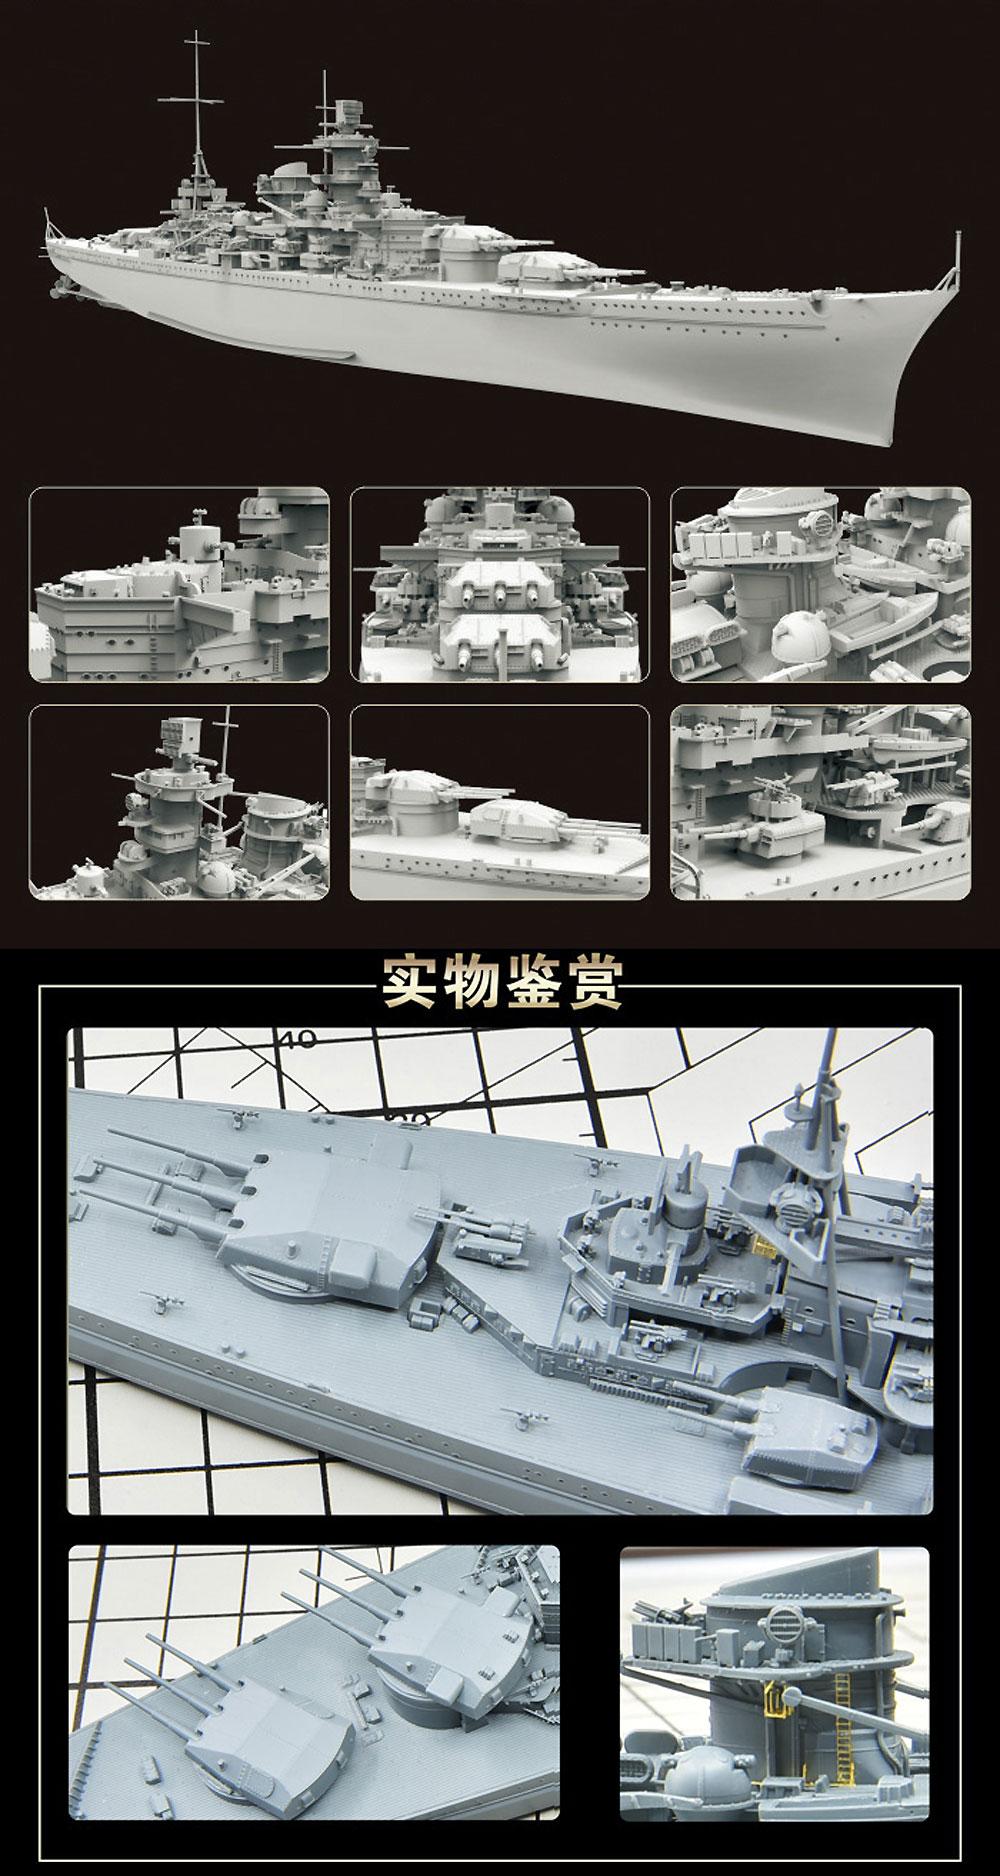 ドイツ戦艦 シャルンホルスト 1943 豪華版プラモデル(フライホーク1/700 艦船No.FH1148S)商品画像_2